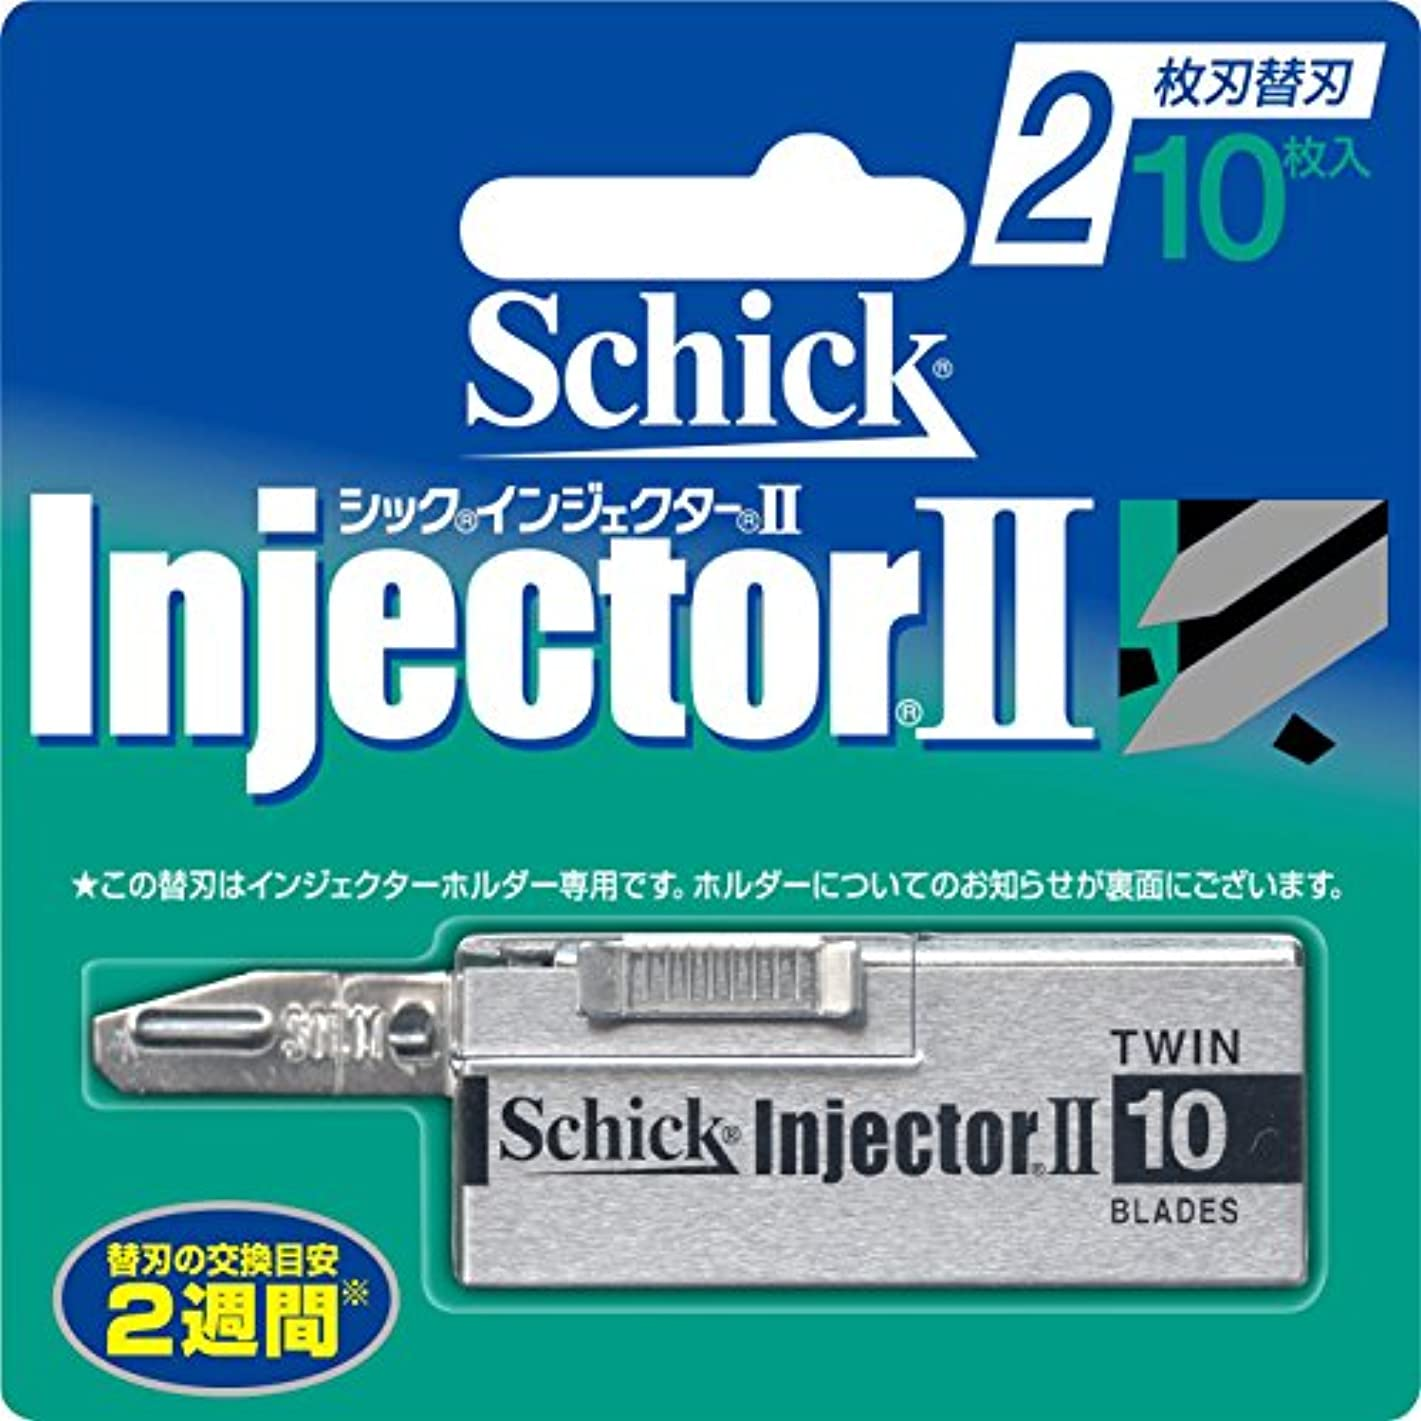 栄光ラフト研磨剤シック インジエクターII 2枚刃 替刃 10枚入